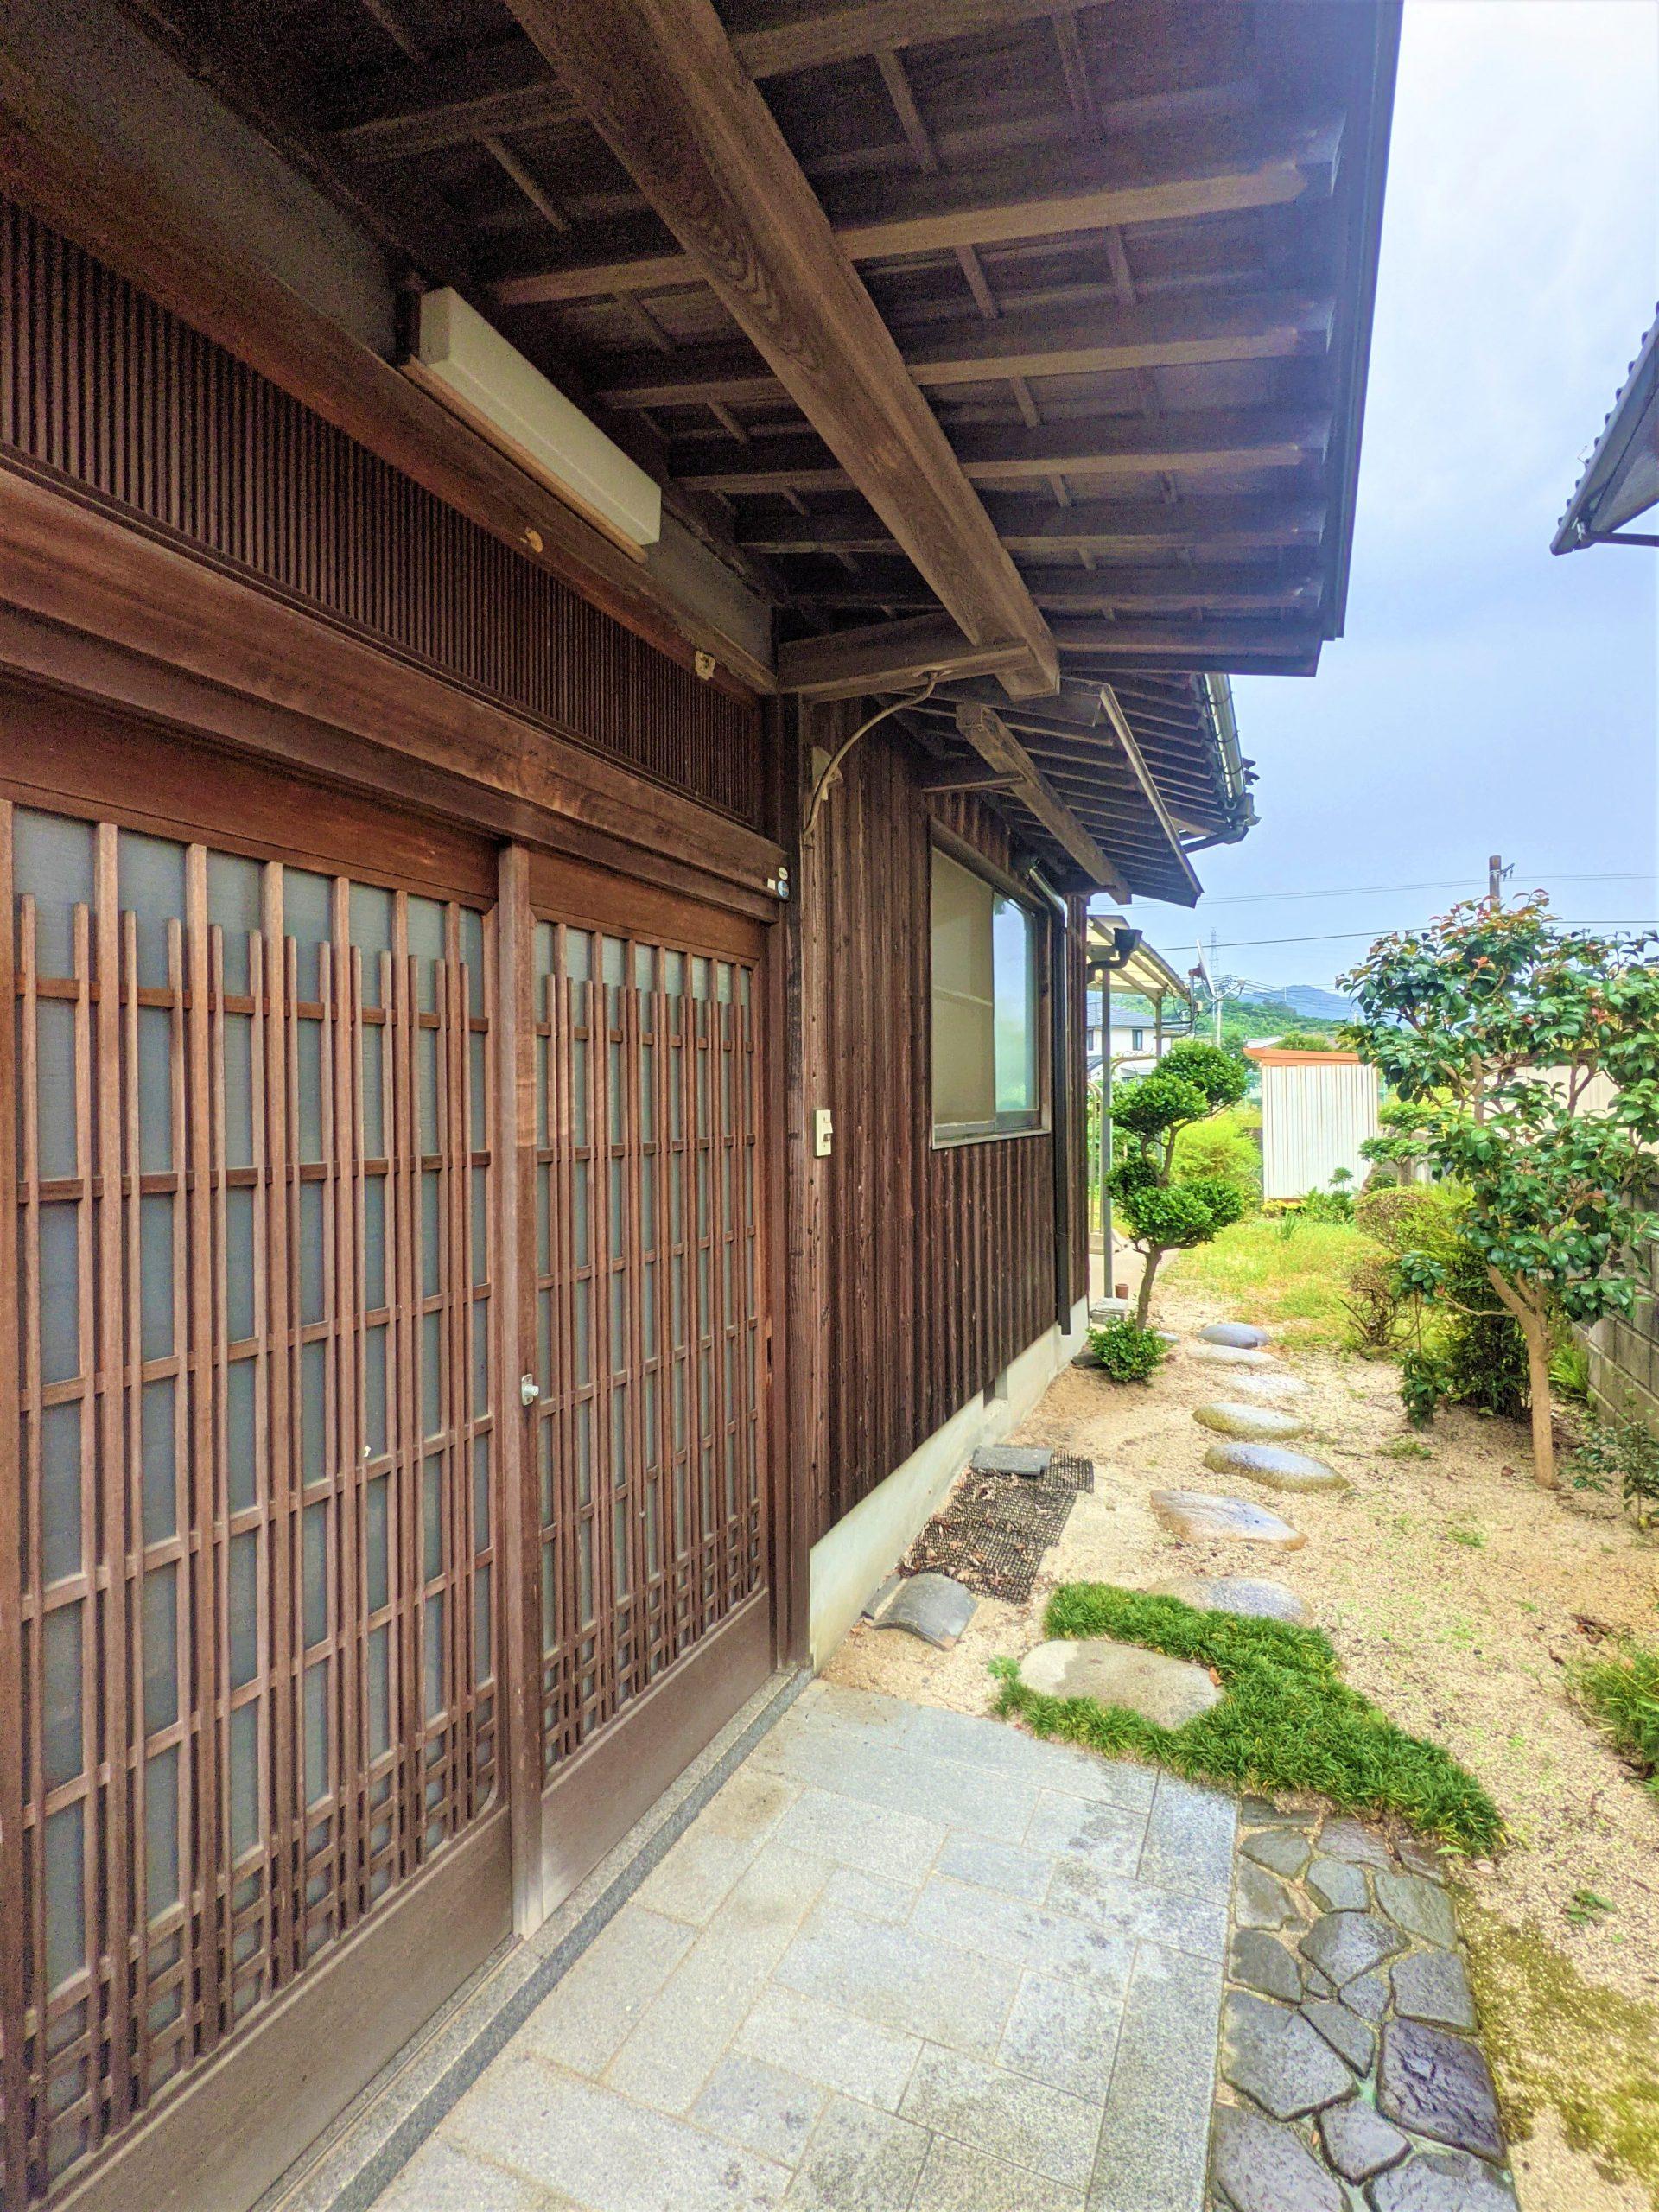 良い感じの昭和後期の和風物件   ~この家は残したい!ちょっとのリフォームで住みませんか?~